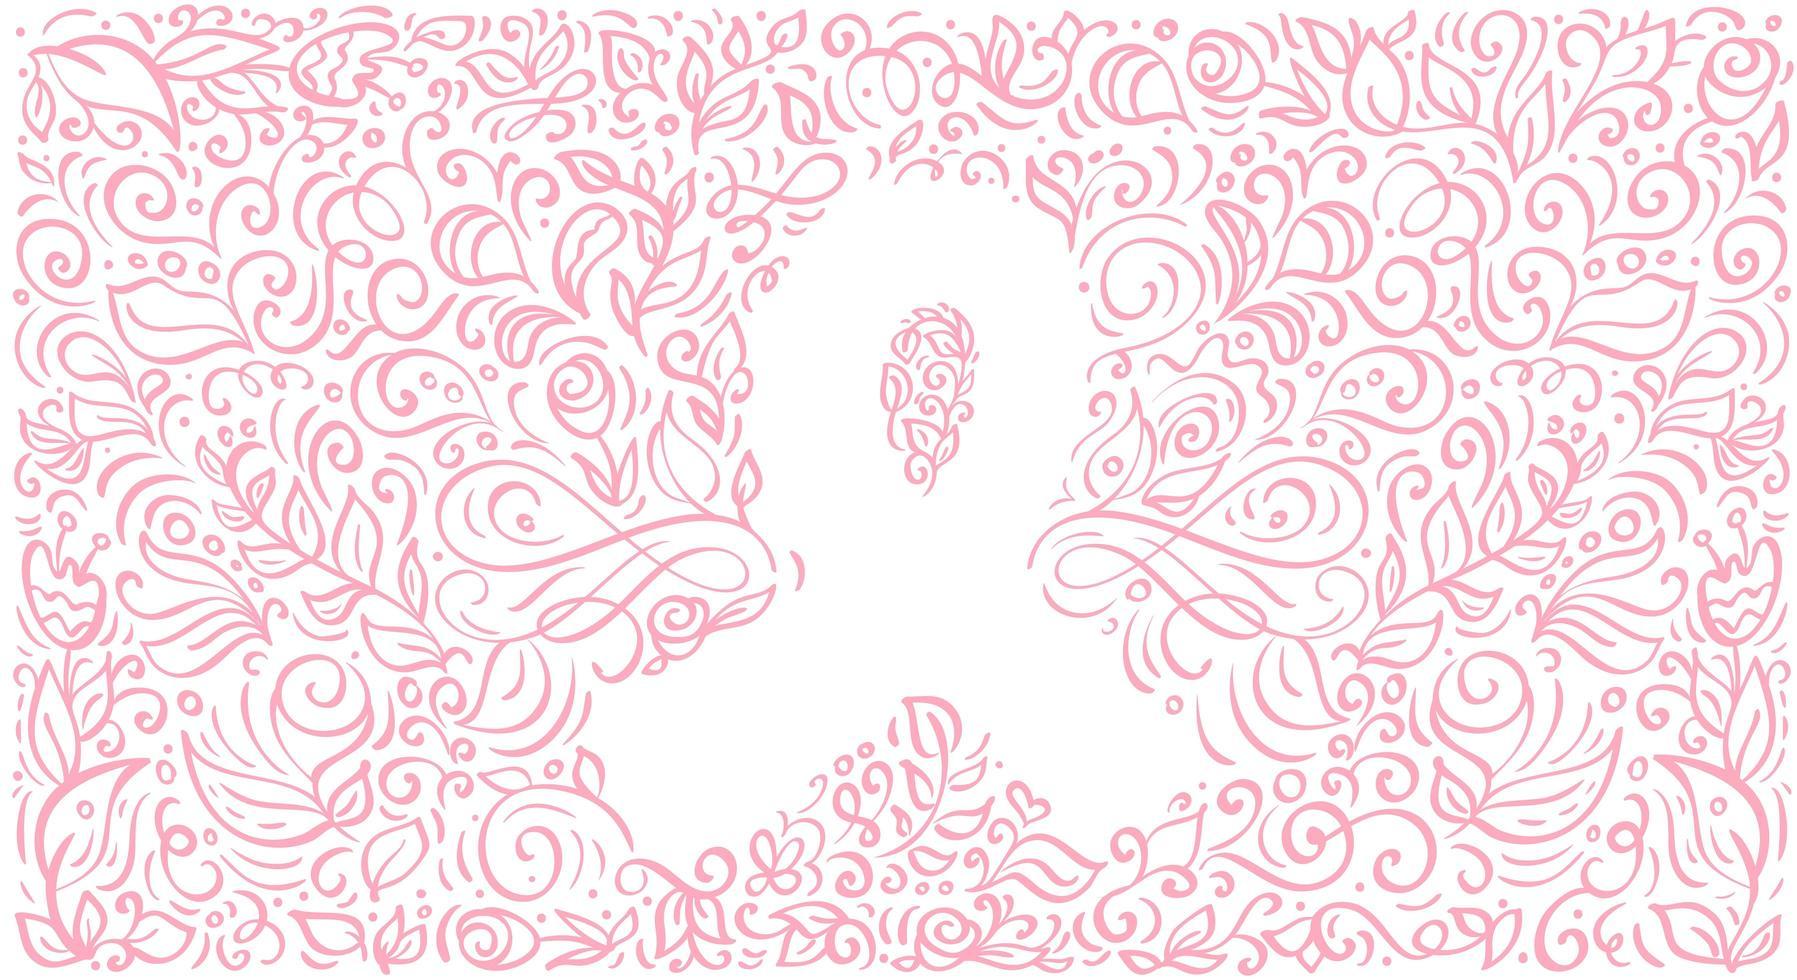 stiliserad rosa vektor banner band av bröst canser för oktober är cancer medvetenhet månad. kalligrafi illustration på rosa blomstra bakgrund